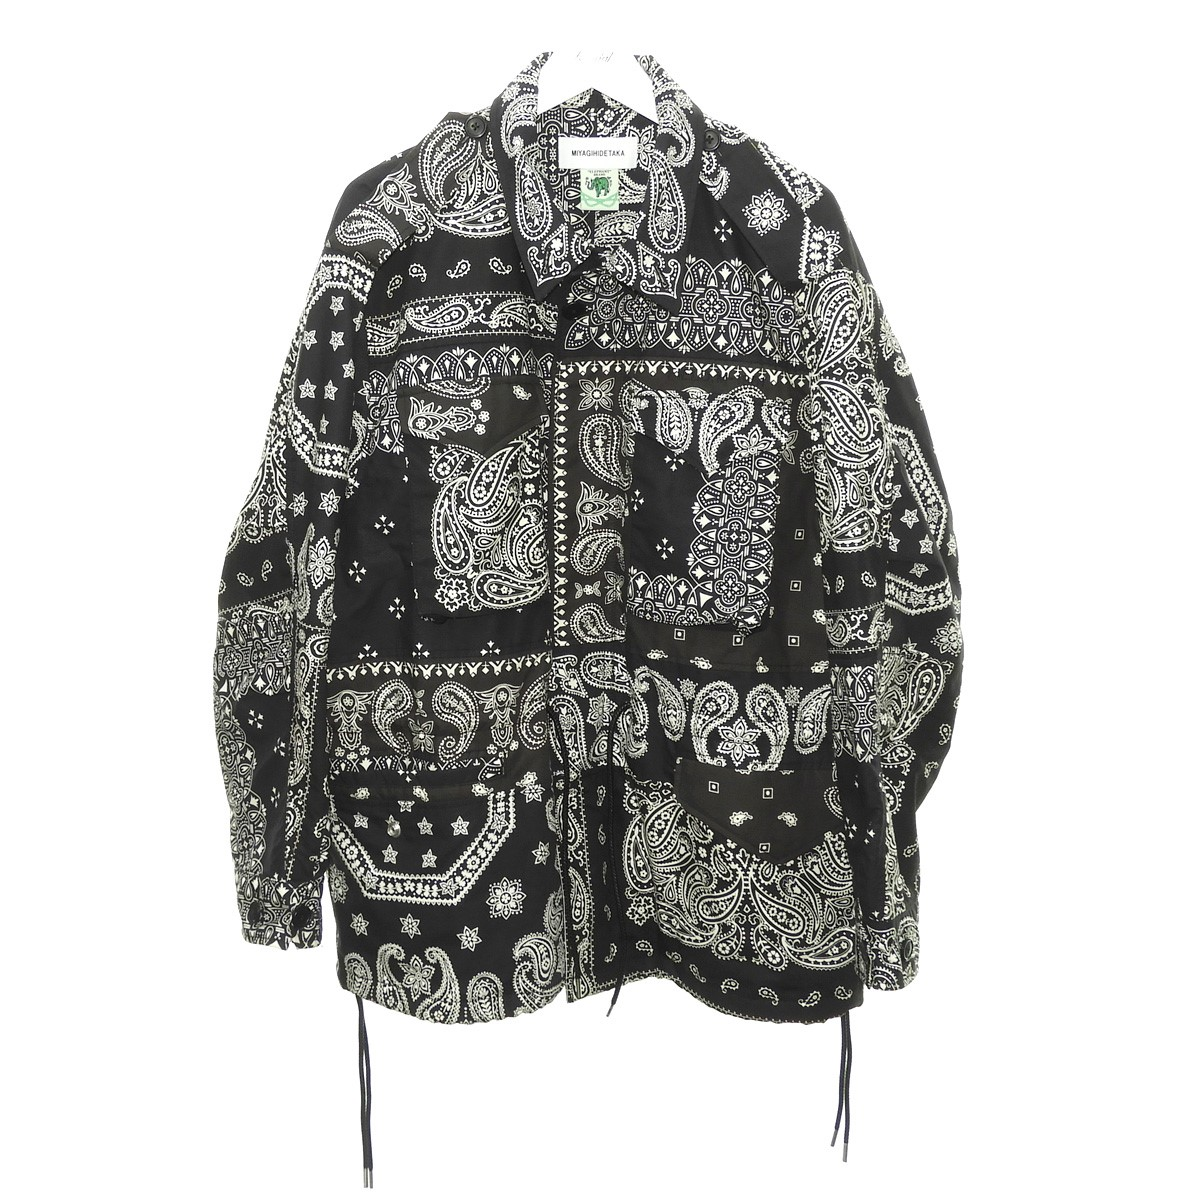 【中古】MIYAGI HIDETAKA 「ELEPHANT BRAND M-51 field jacket」 ブラック サイズ:Free 【140720】(ミヤギヒデタカ)